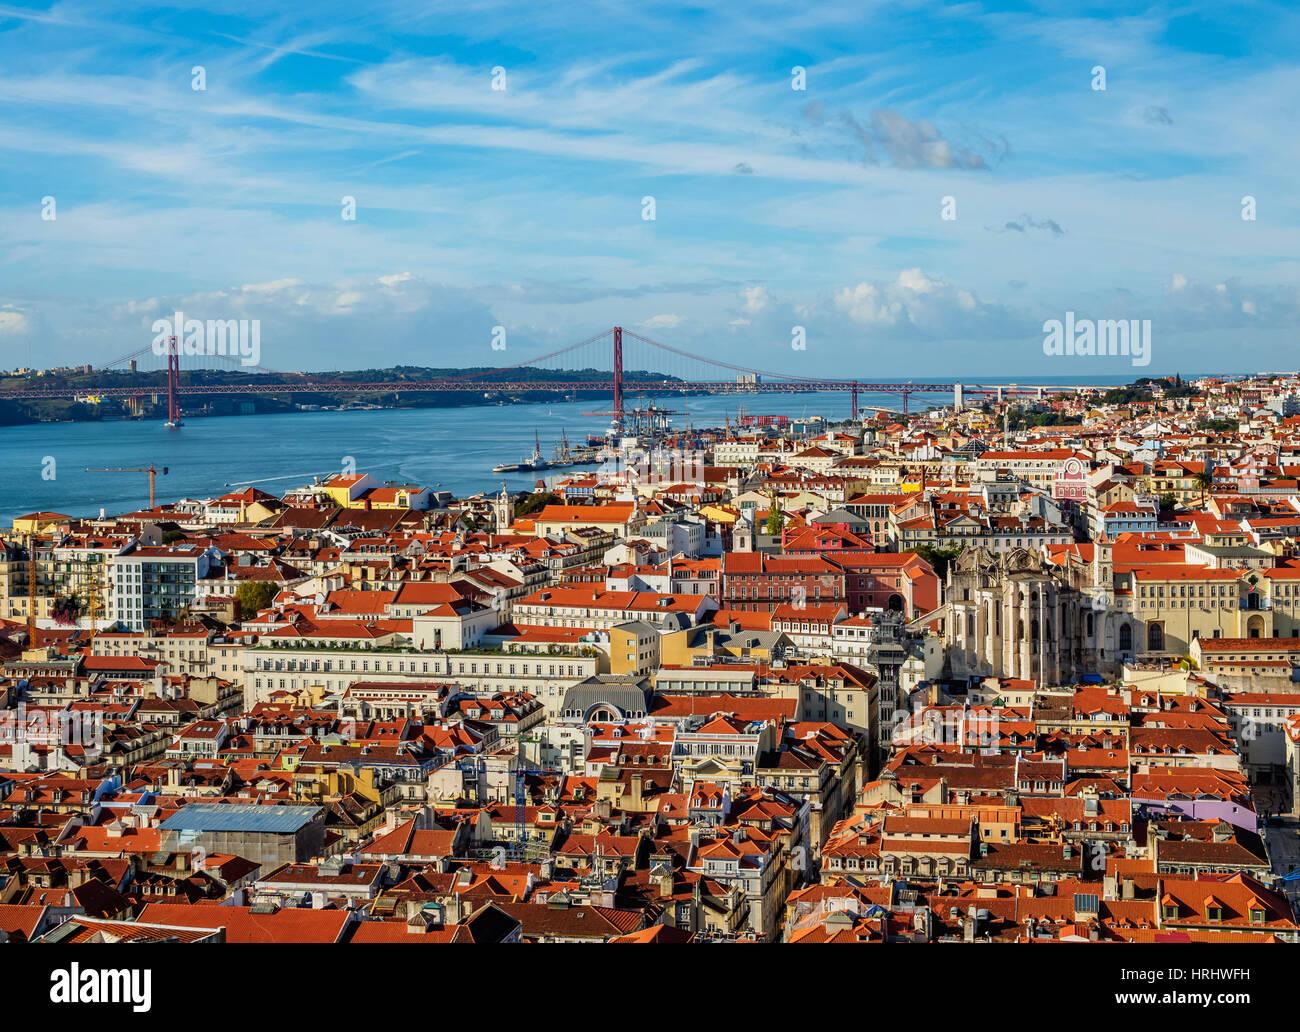 Stadtbild von Sao Jorge Castle, Lissabon, Portugal gesehen Stockbild